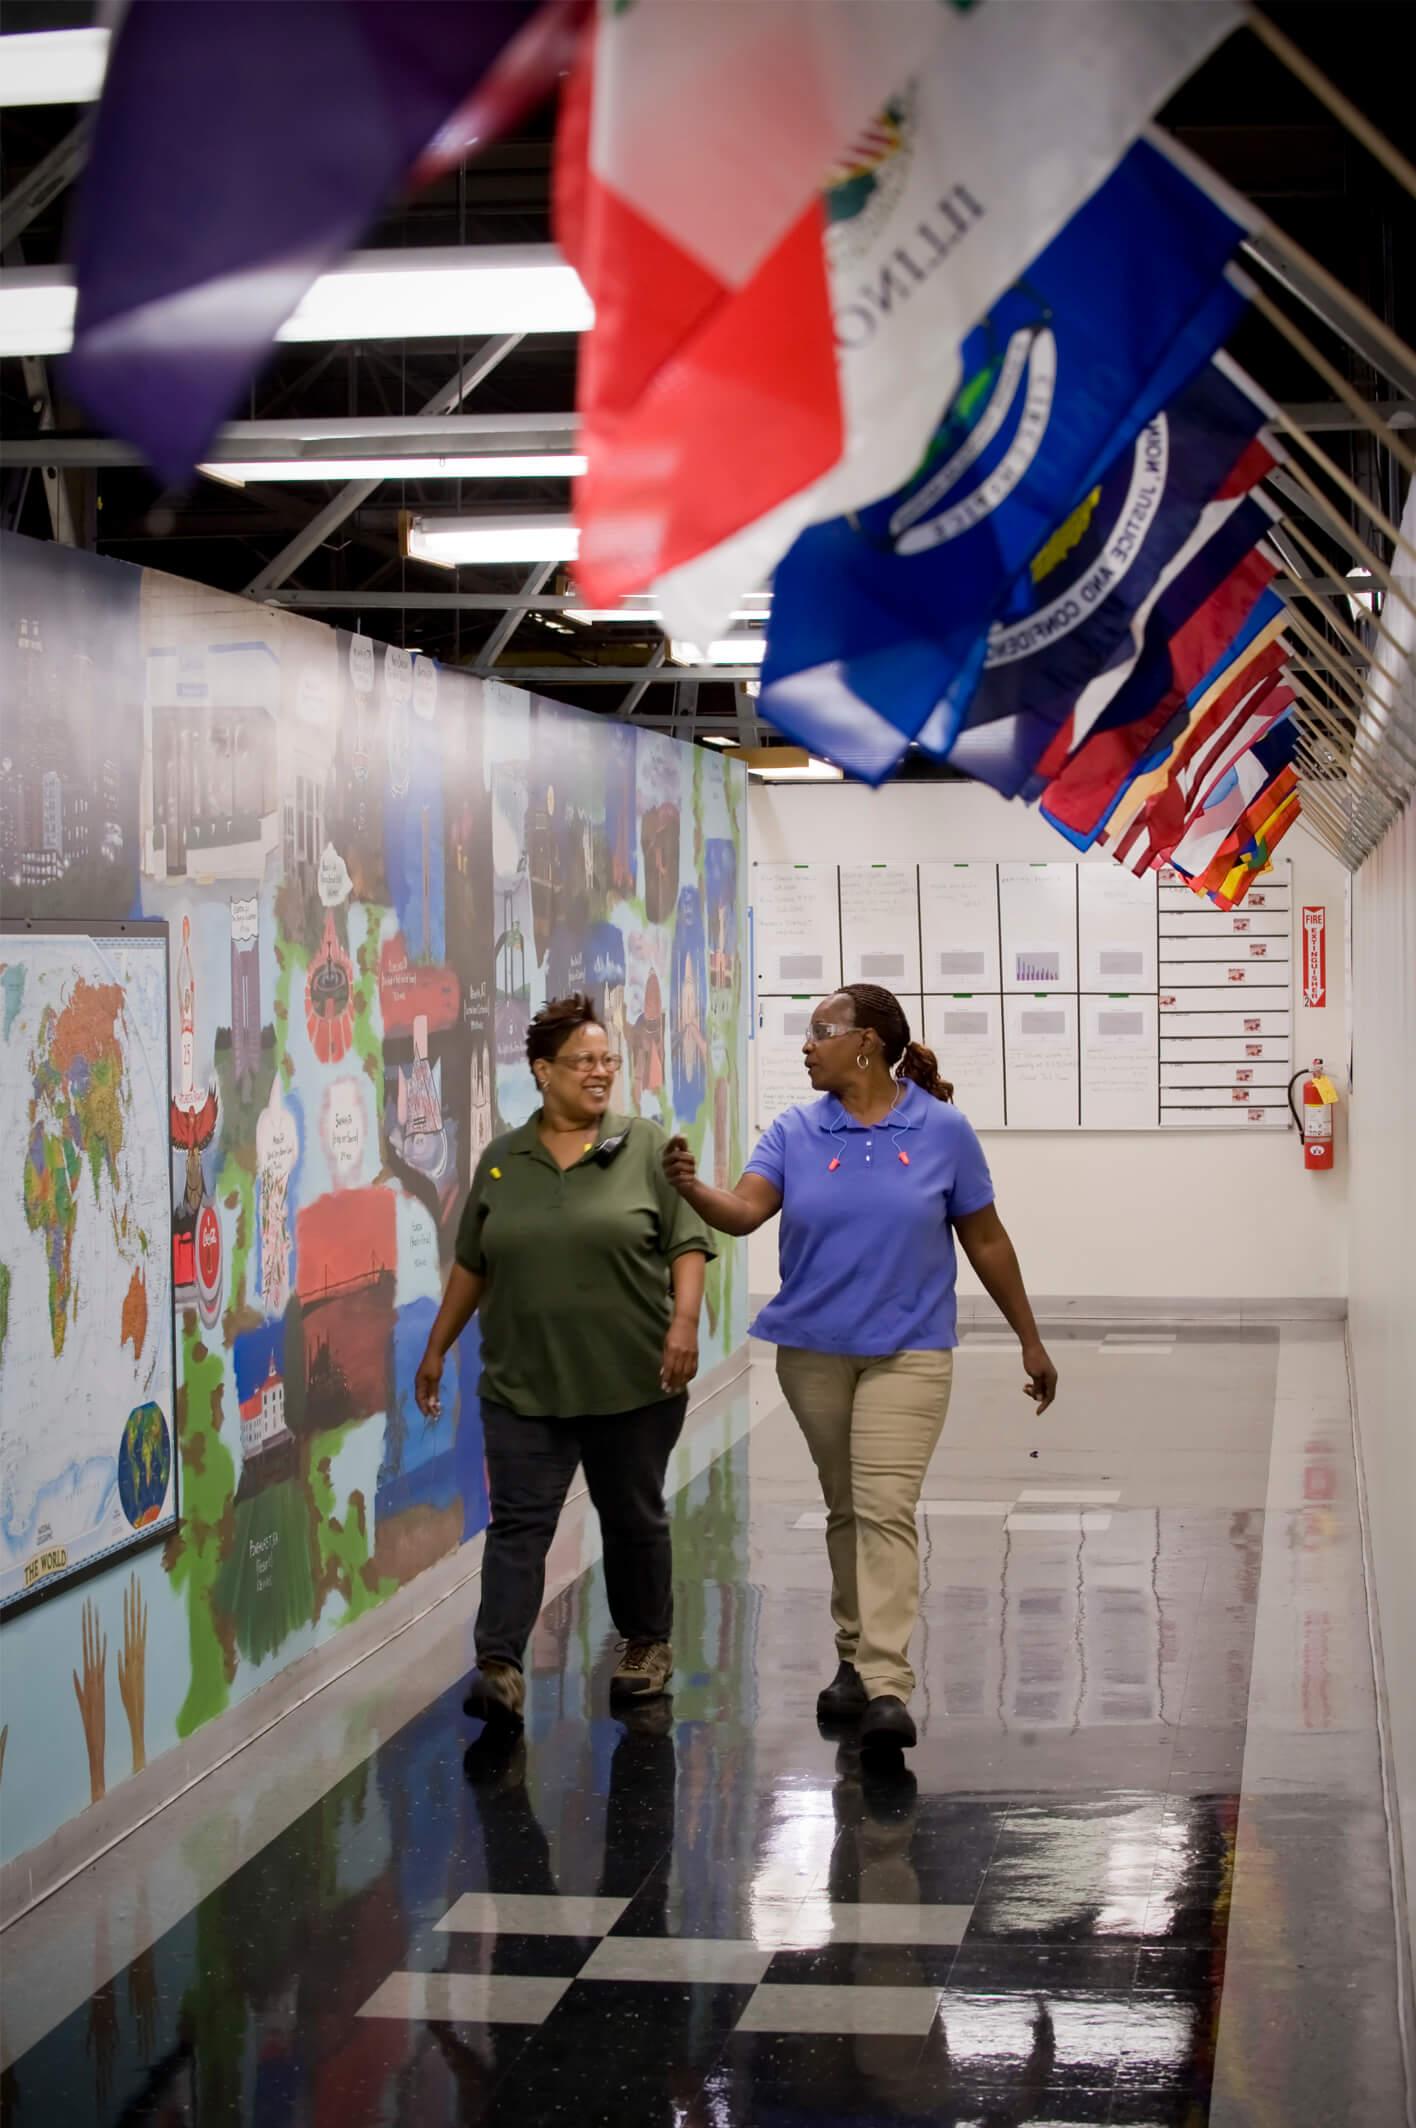 Duas mulheres andando por um corredor com bandeiras nacionais penduradas na parede.